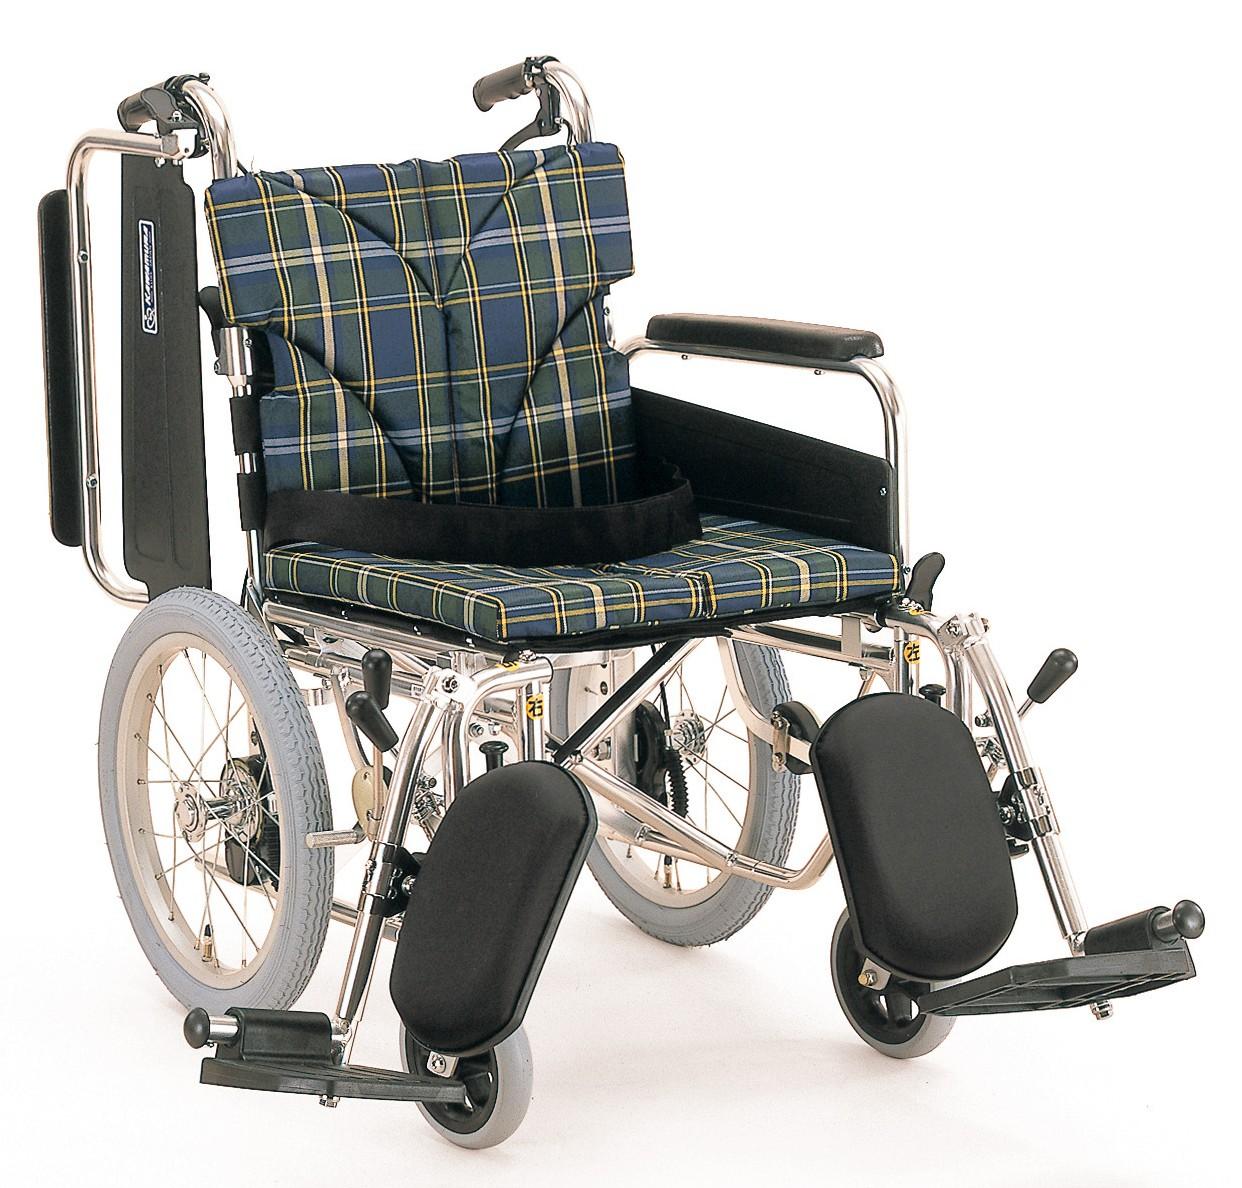 カワムラサイクルKA816-40(38・42)ELB-中床M(低床LO/超低床SL)介助用脚部エレベーティング車椅子